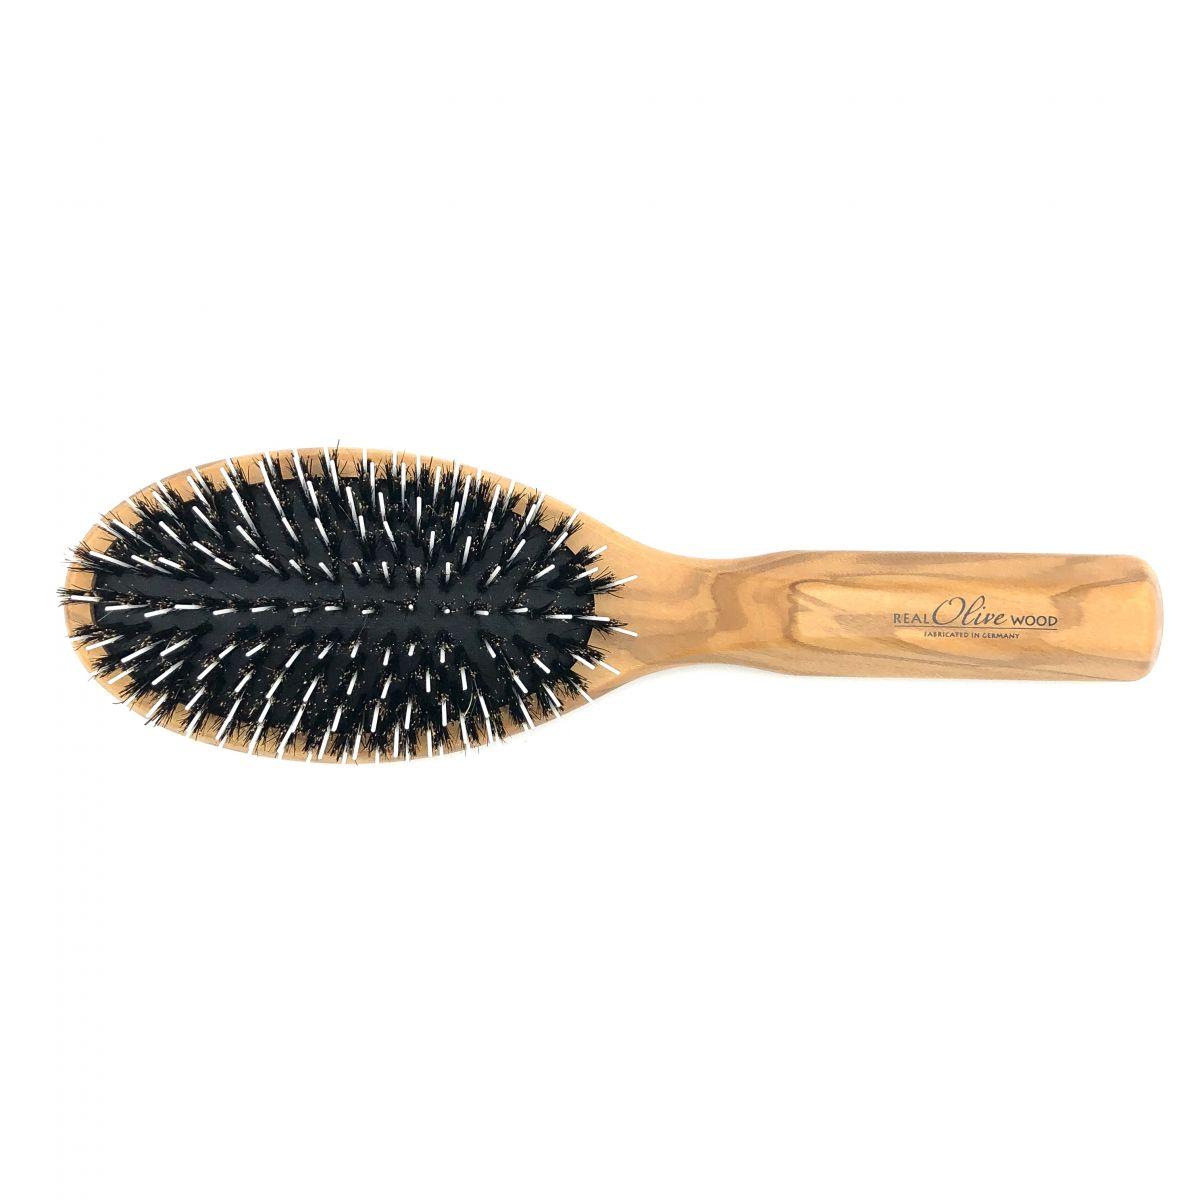 Haarbürste Olivia groß oval mit Borsten und Frisierpins